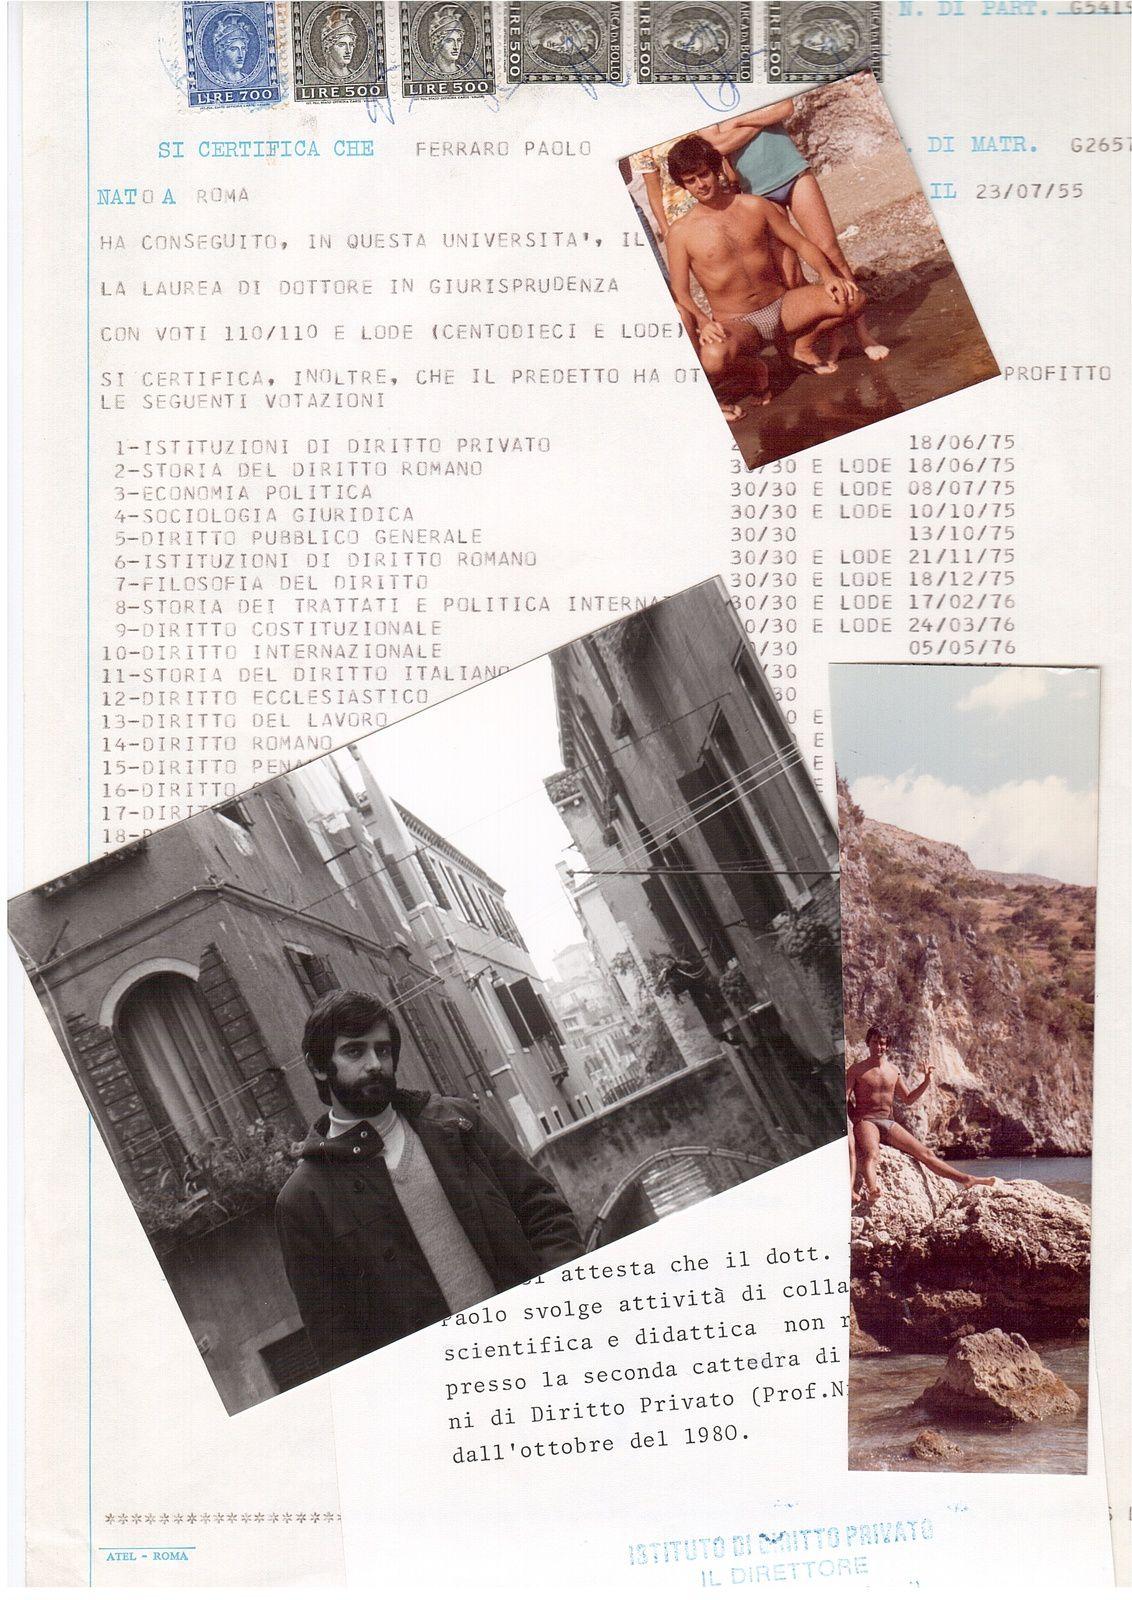 MONDO TAVISTOCK COLLOQUIO REGISTRATO A PROVA.  PAOLO FERRARO ATTENZIONATO DAL 1977  PER INTELLIGENZA E CAPACITA' . SI INFRANGE SULLA NOTA VICENDA UN INTERO PERCORSO STORICO COPERTO .